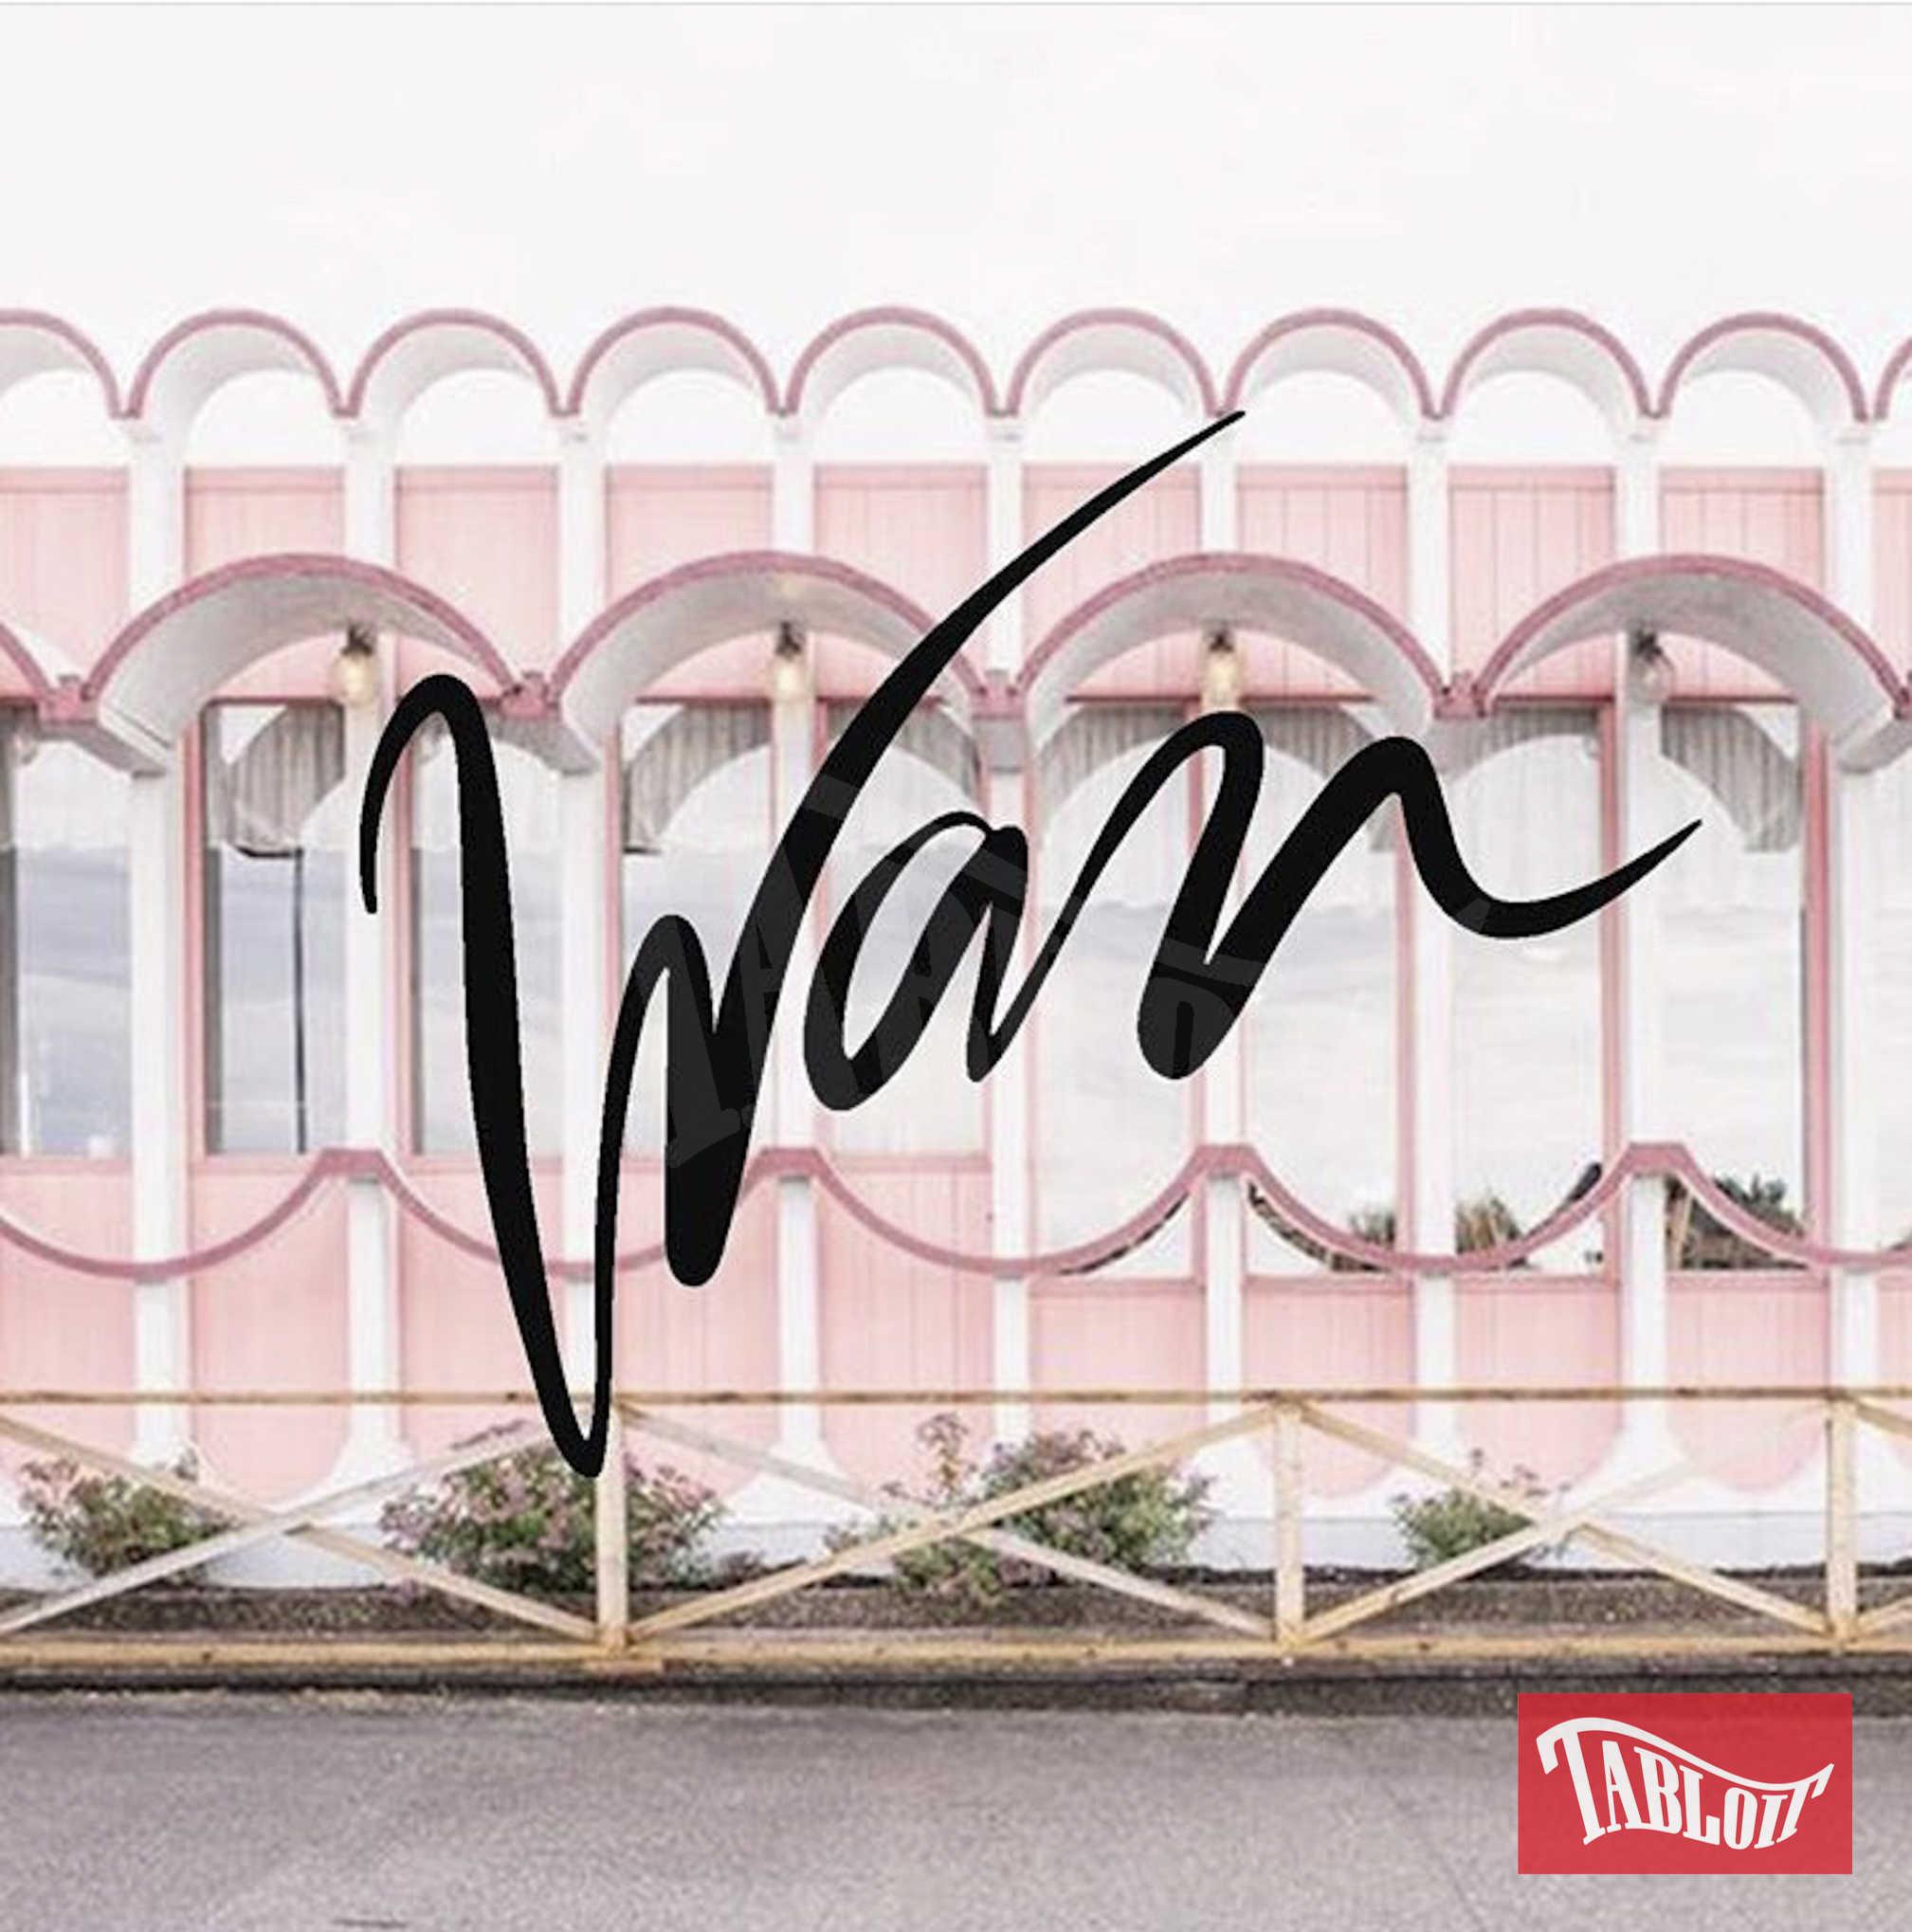 Il logo di Wan, nuova collezione moda firmata da Wanda Nara